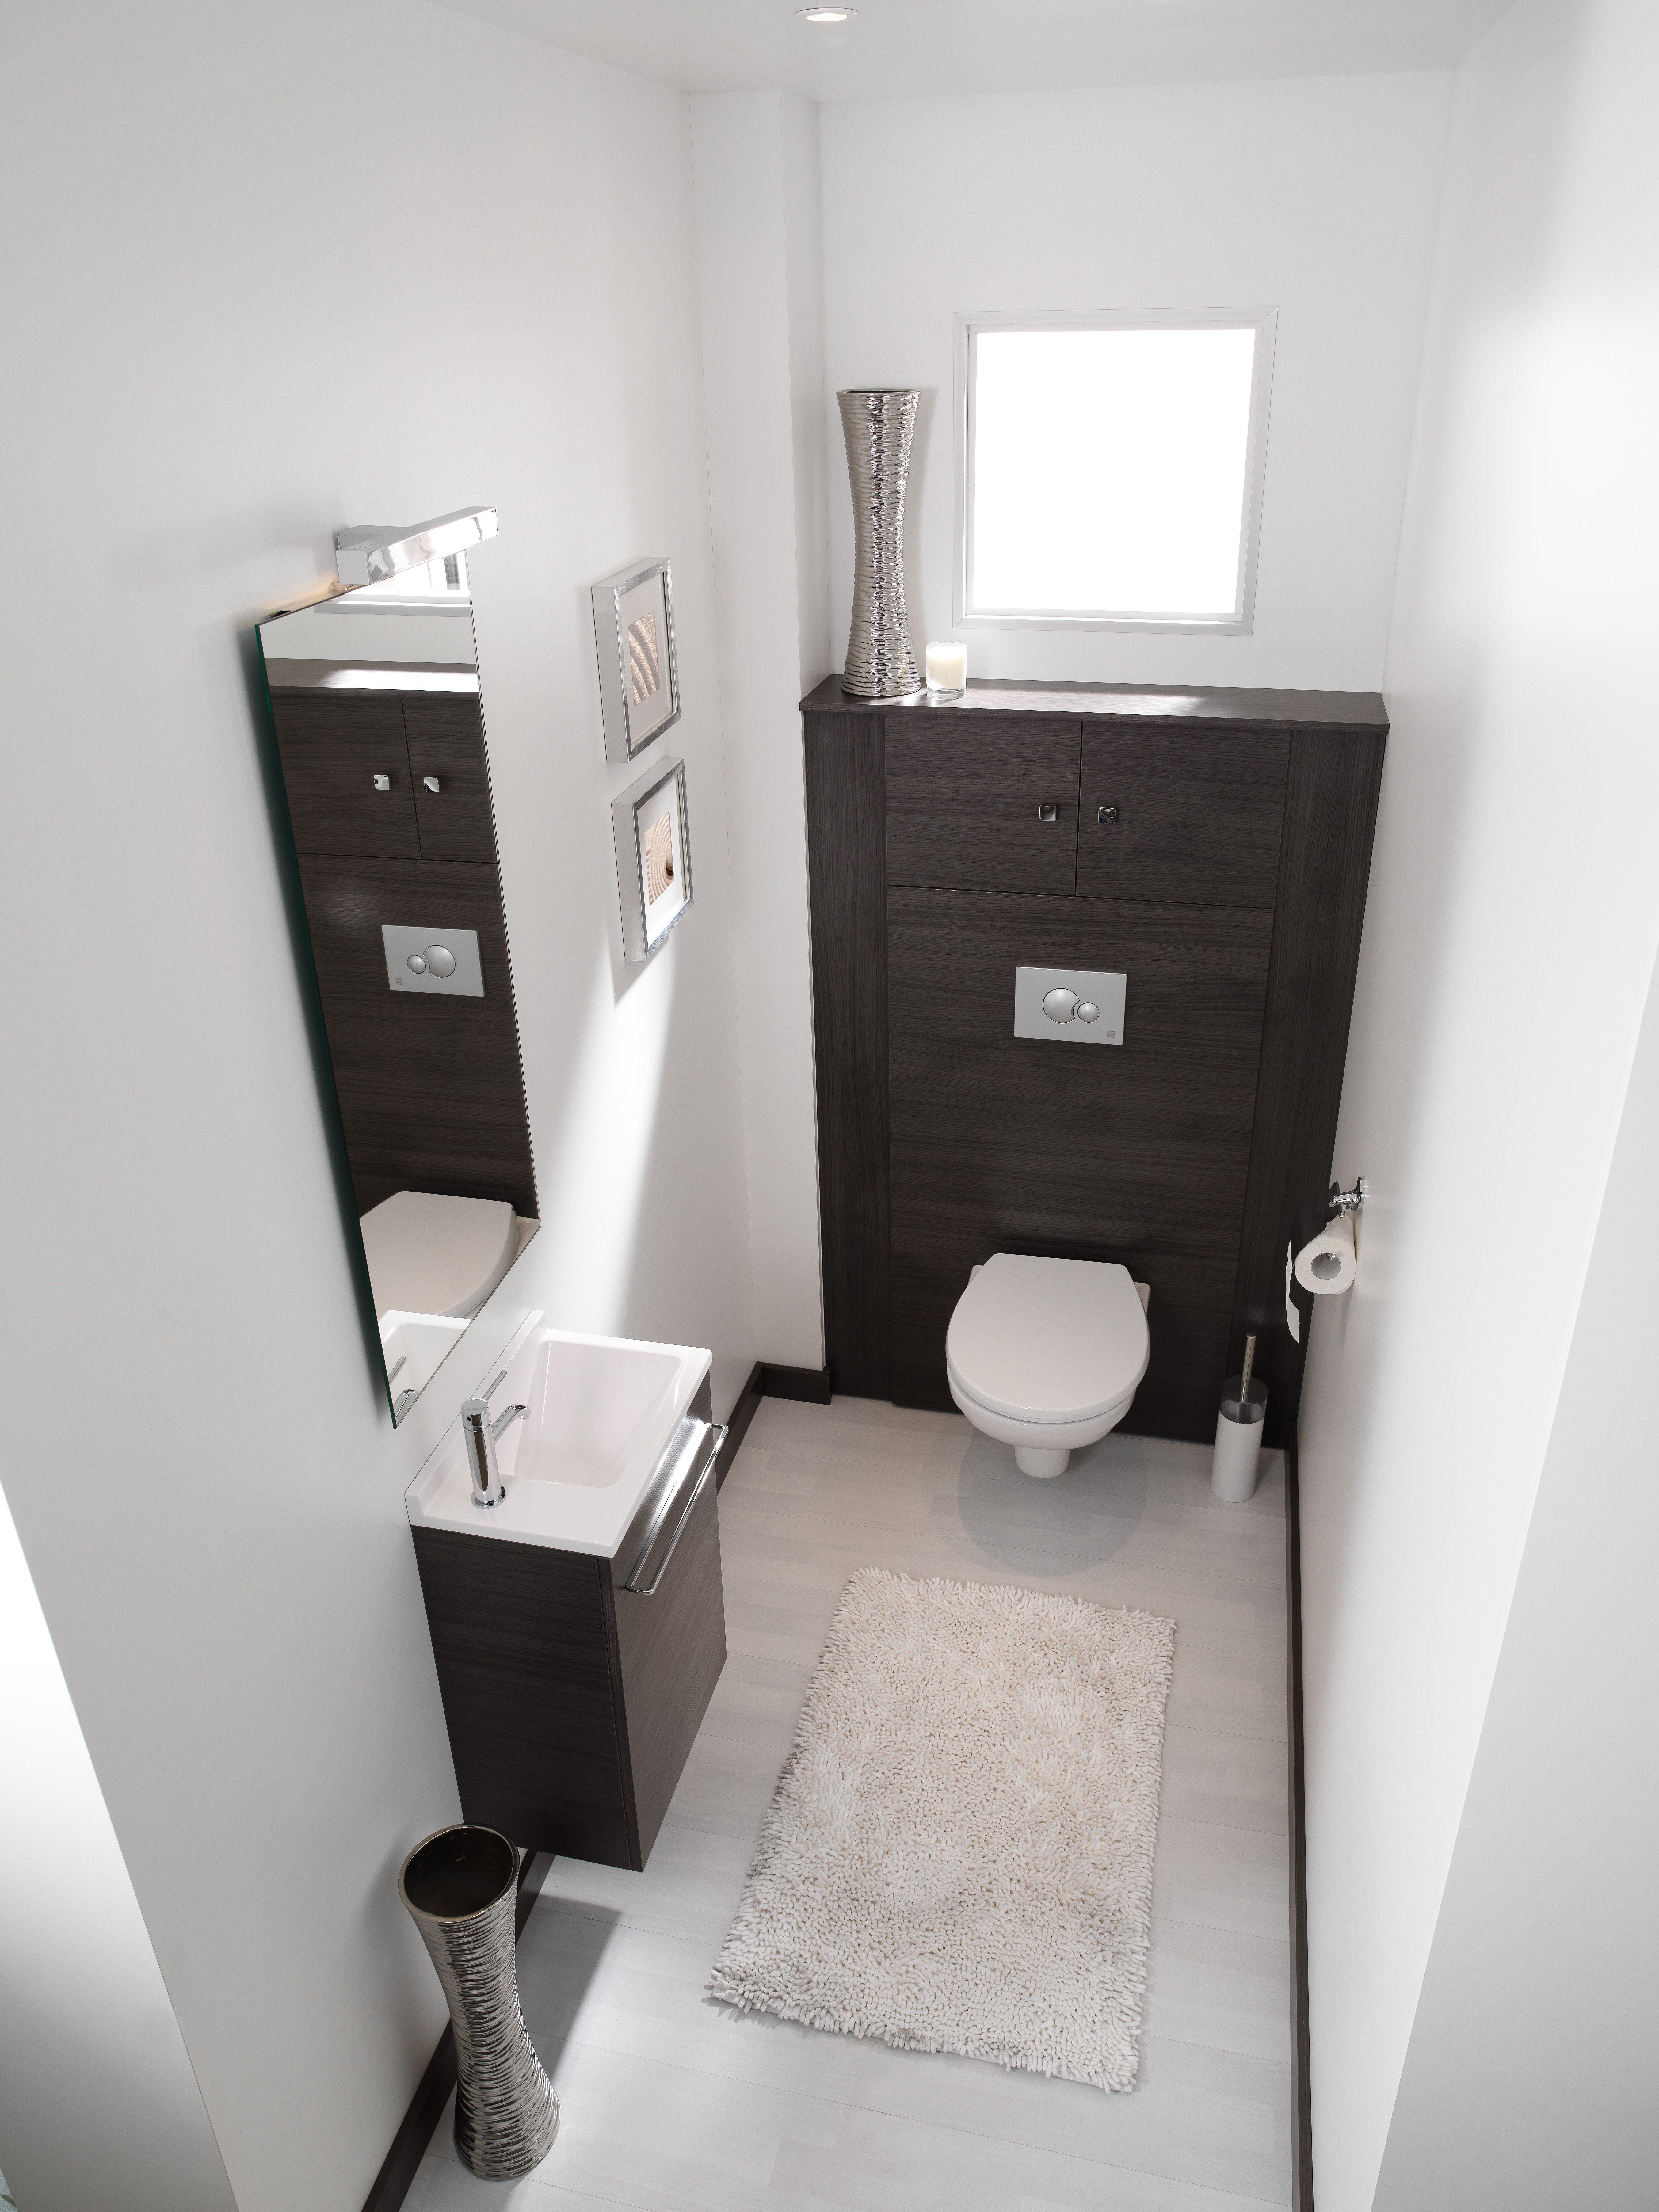 Espace Toilettes Ambiance Bain Meuble Pour Wc Suspendu Lave Mains Meuble Wc Suspendu Idee Salle De Bain Meuble Wc